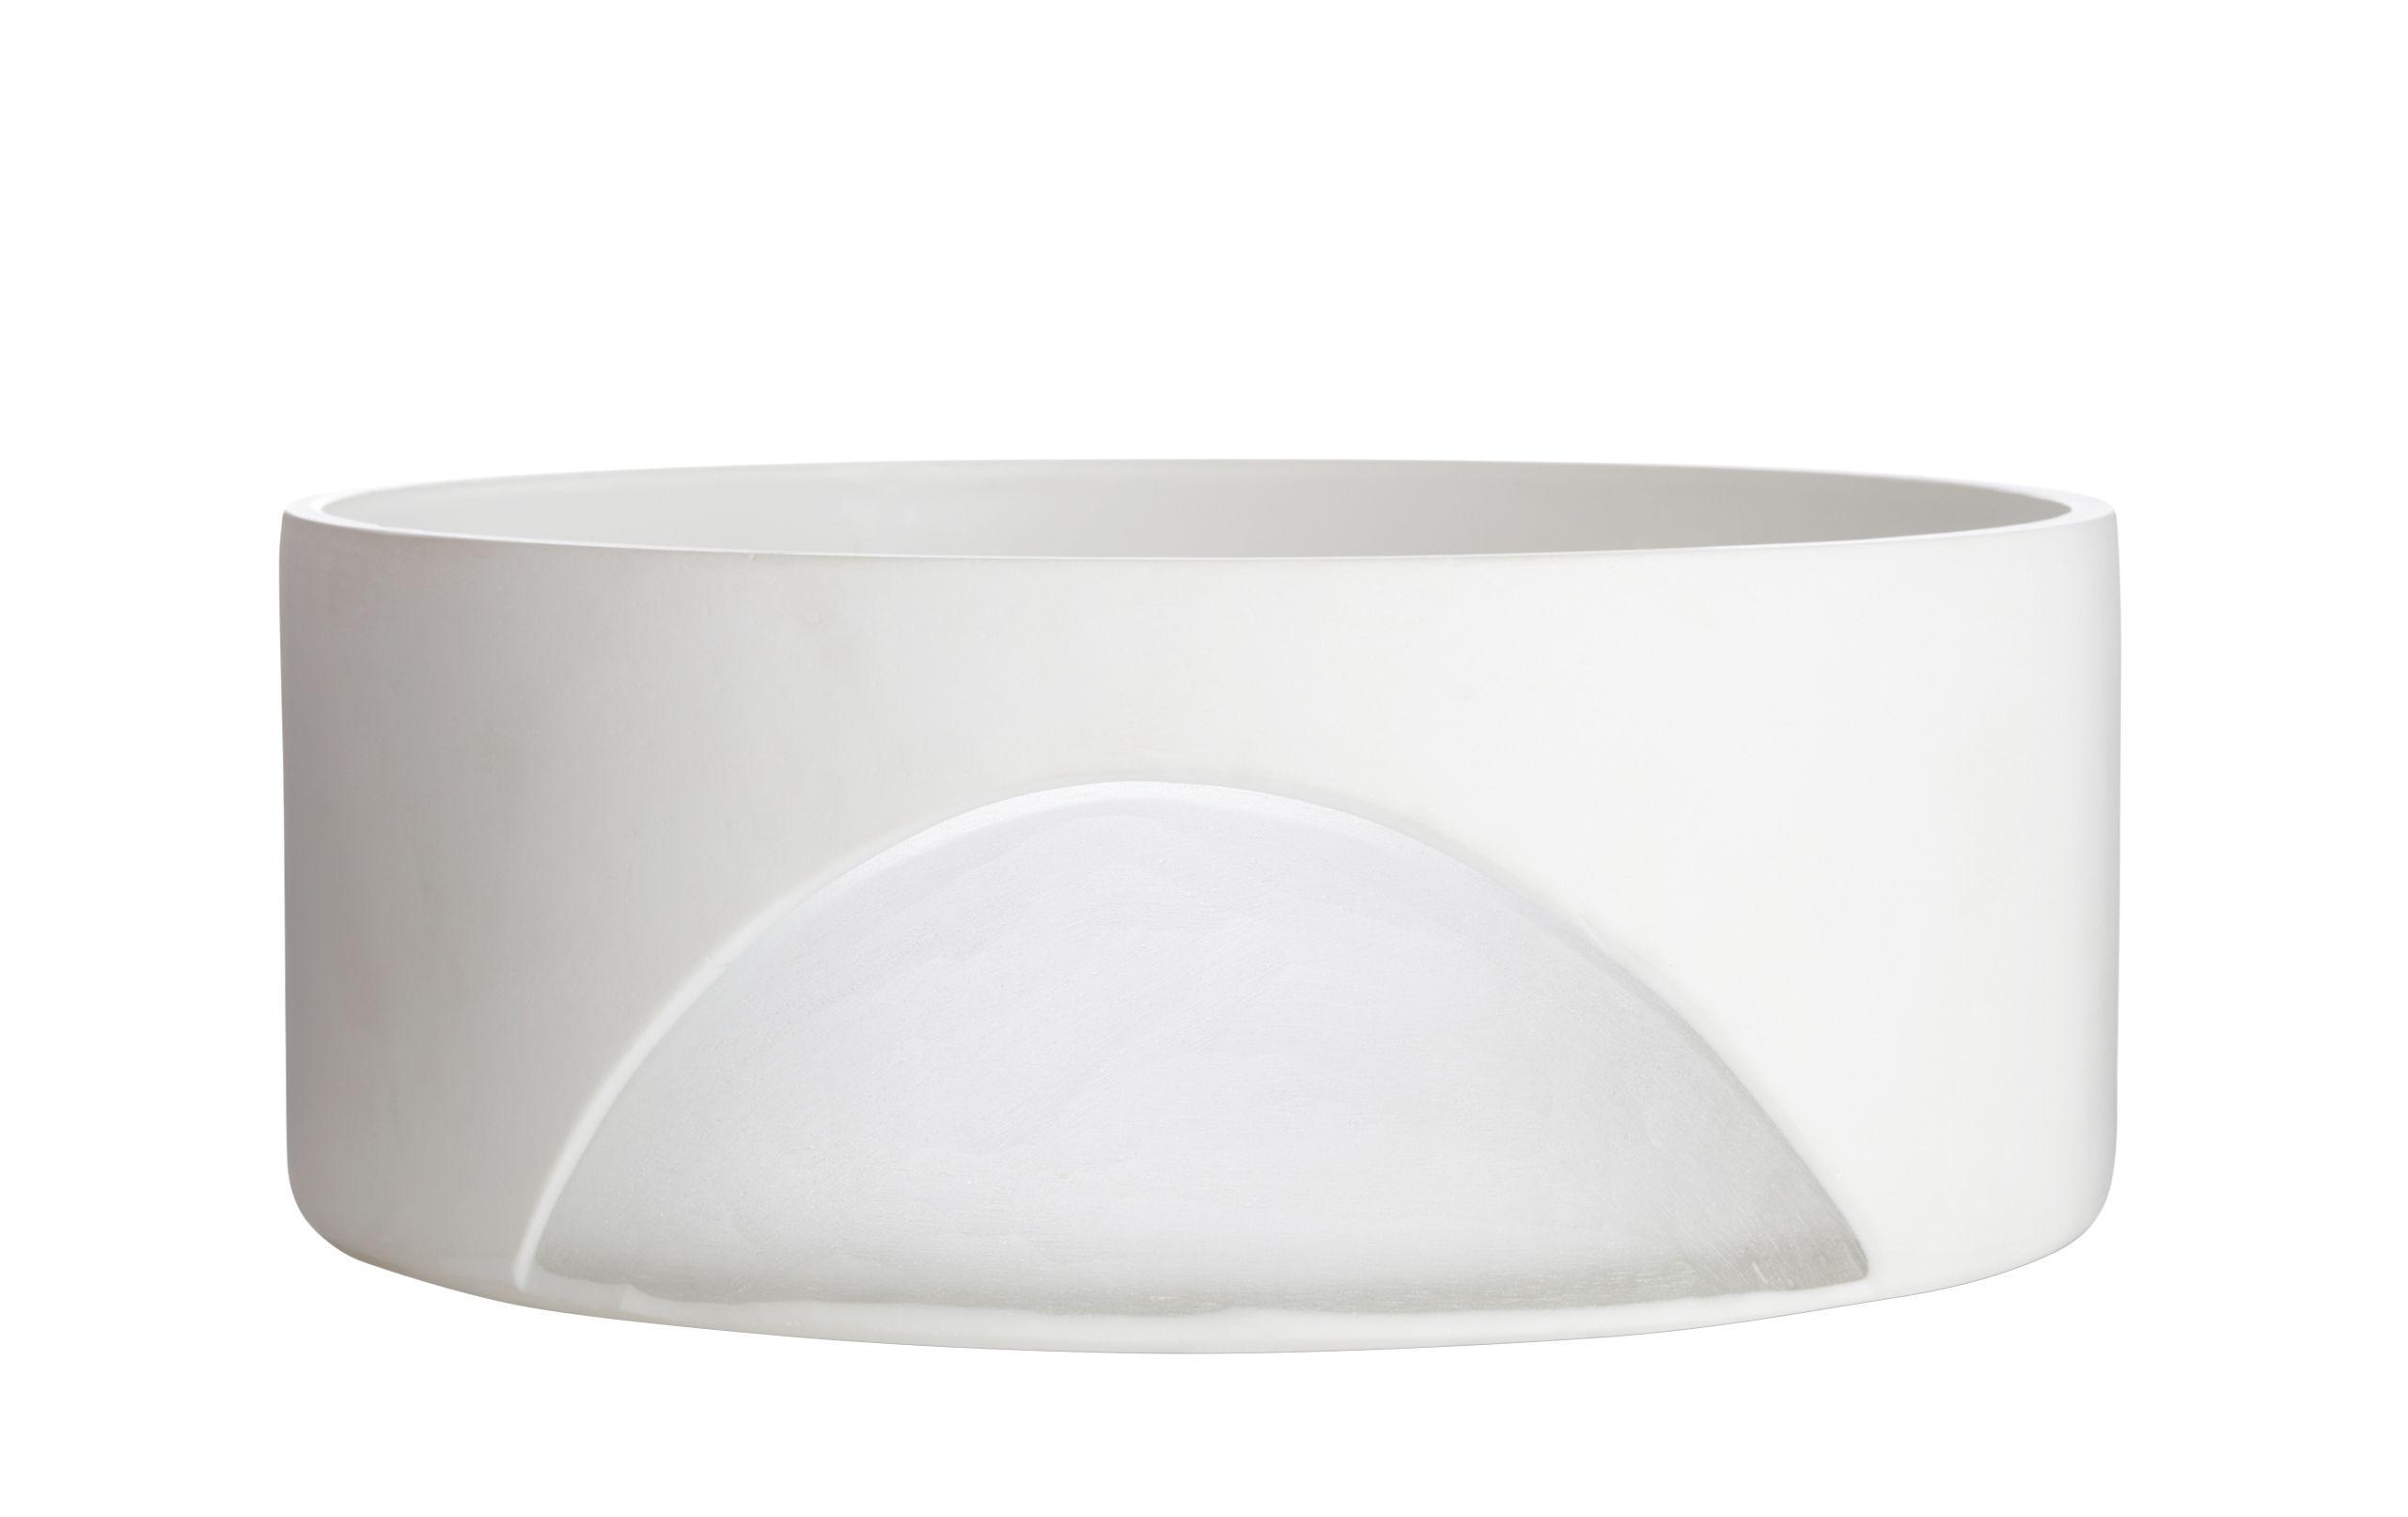 Tavola - Ciotole - Coppa Carved - / Ø 28 cm - Vetro soffiato di Tom Dixon - Bianco - Vetro soffiato a bocca